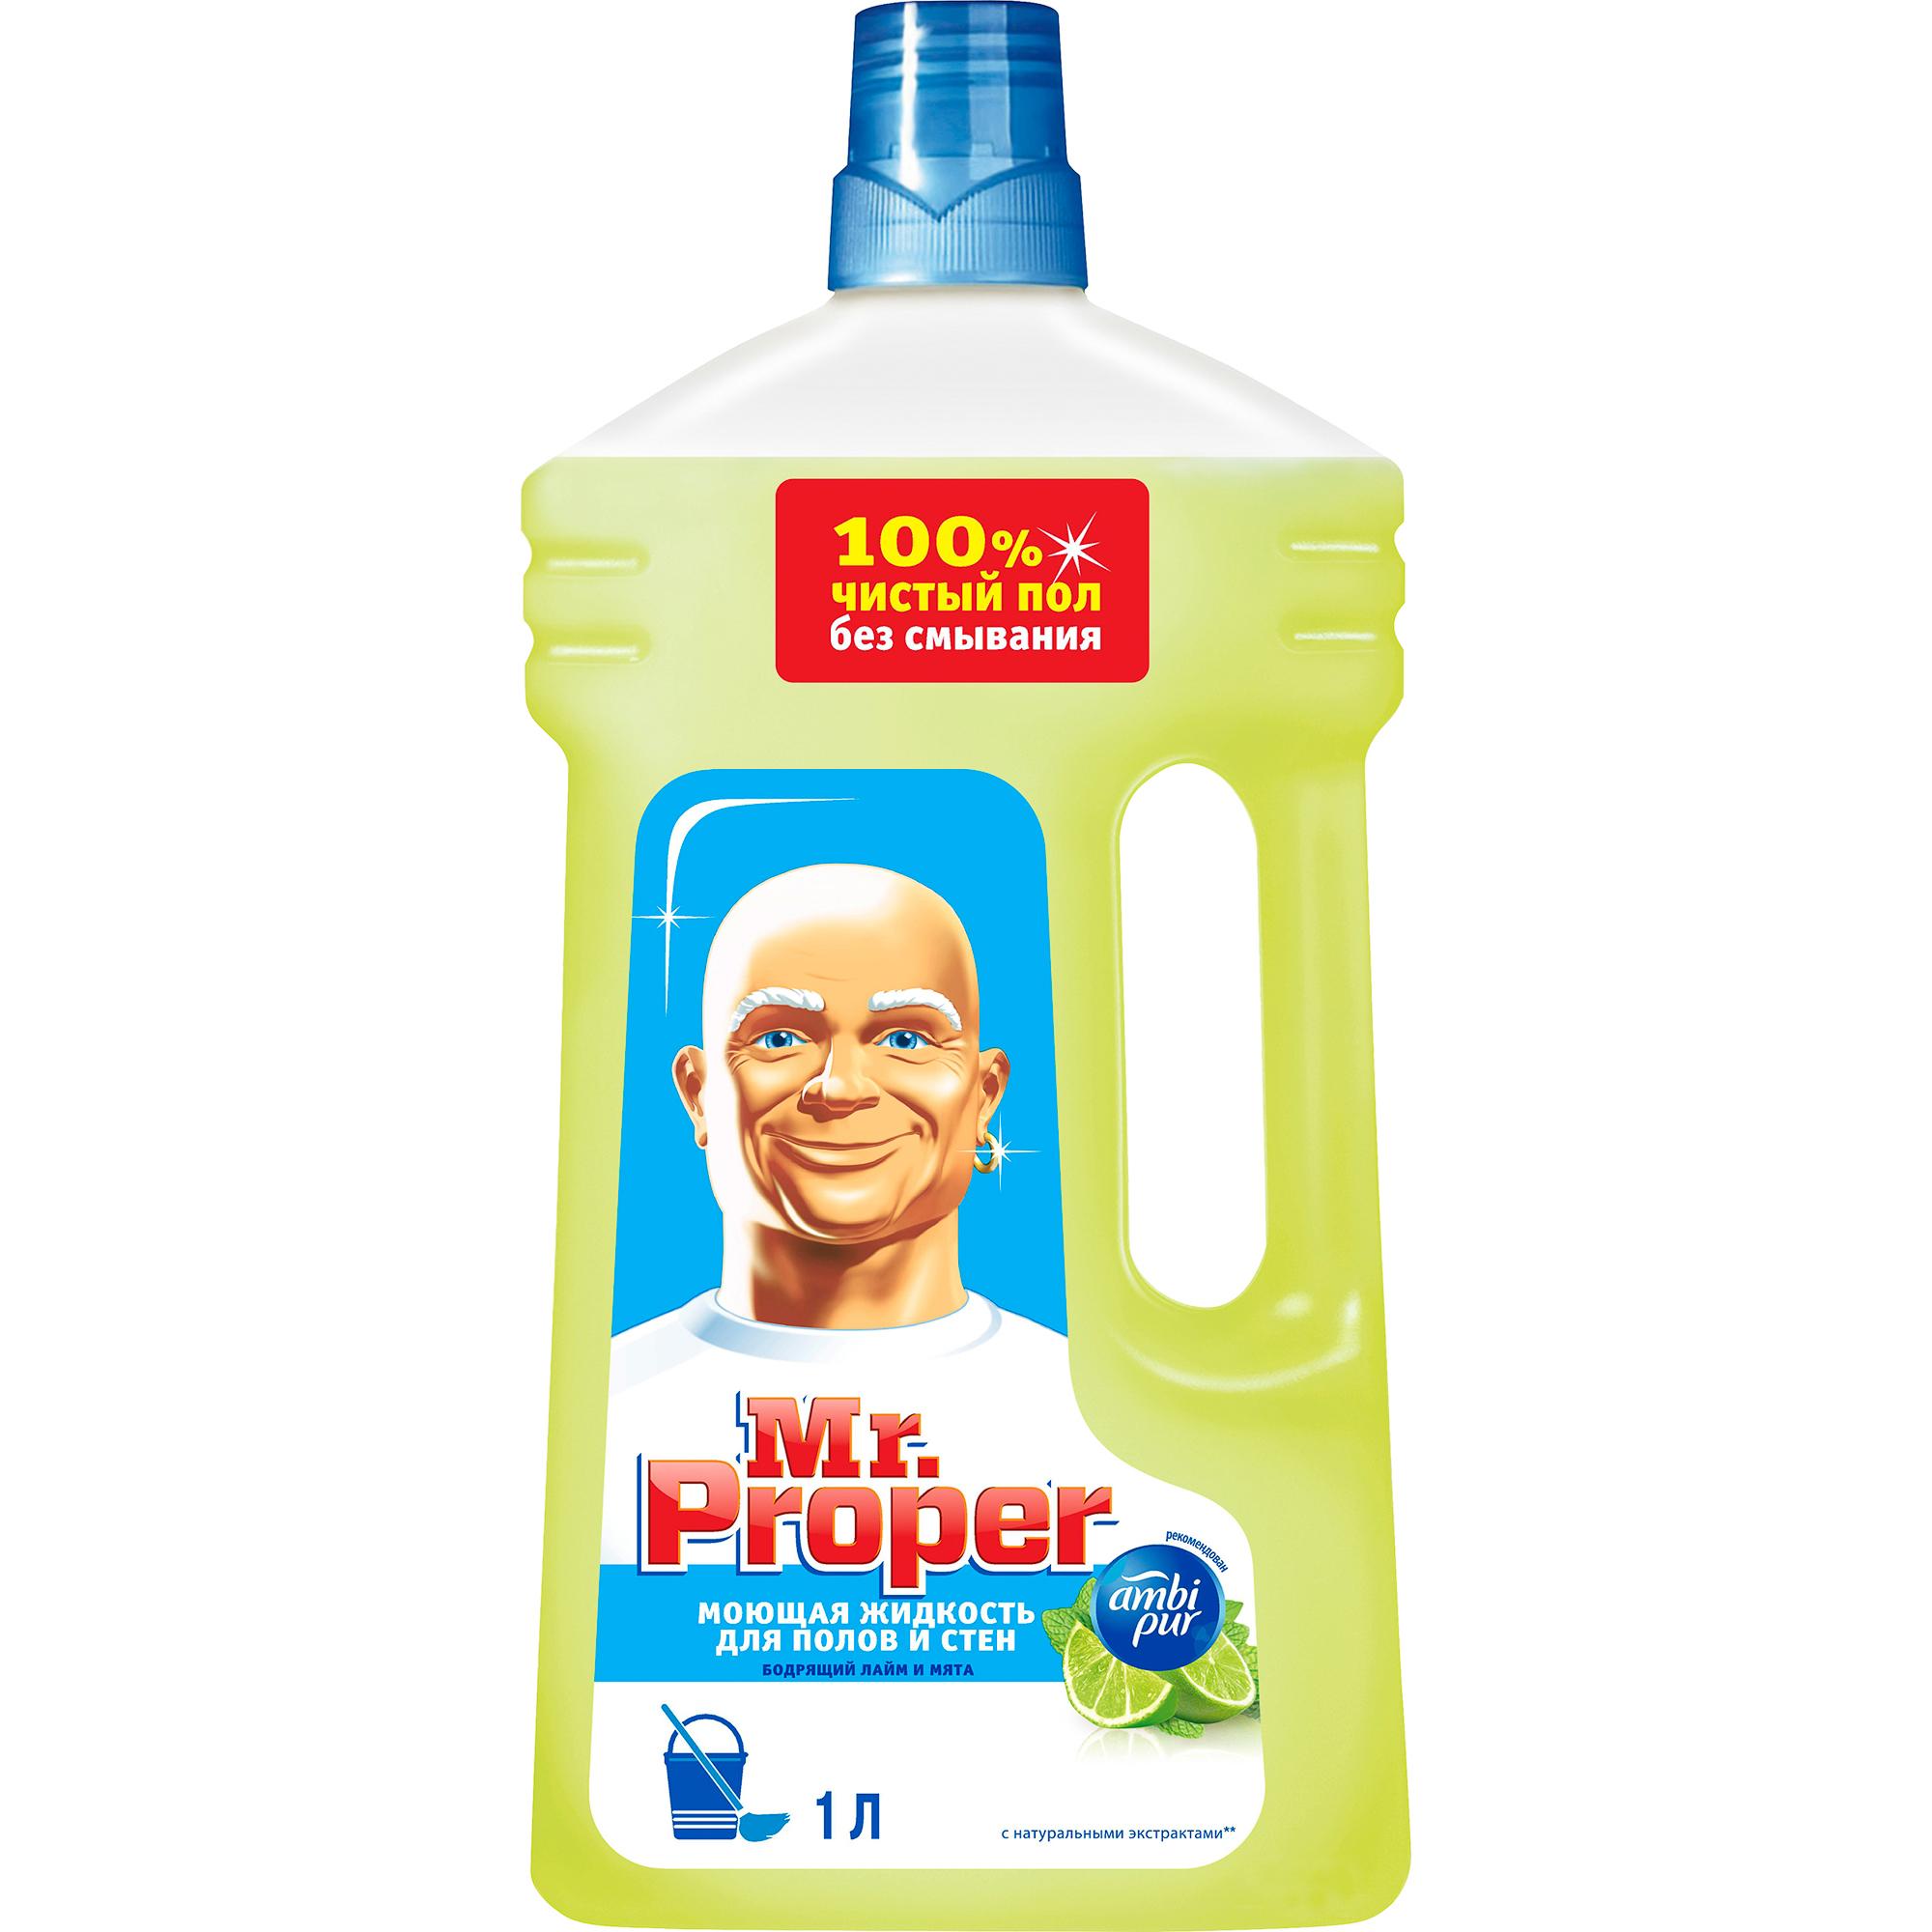 Купить Моющее средство Mr. Proper Для полов и стен Бодрящий лайм и мята 1 л, моющее средство, Россия